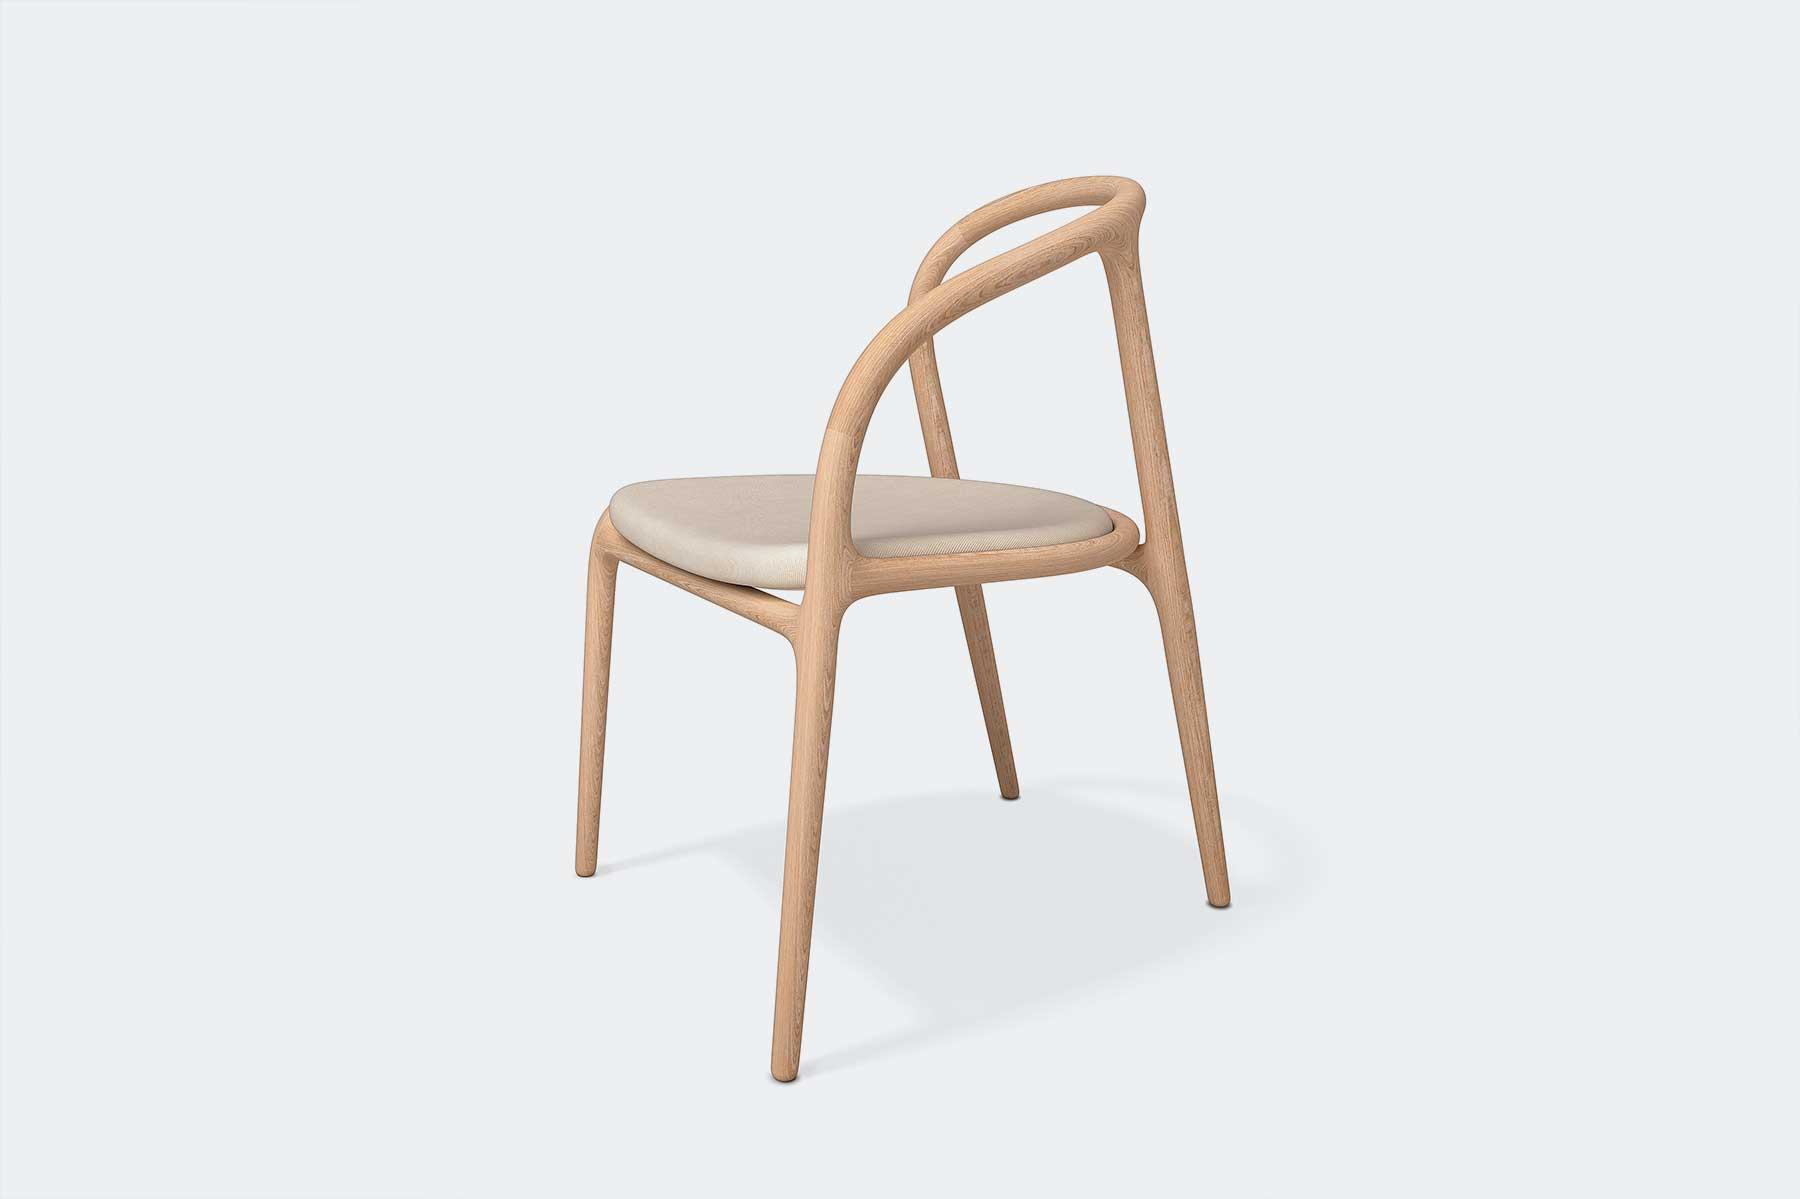 detalle lateral diseño calido silla manca